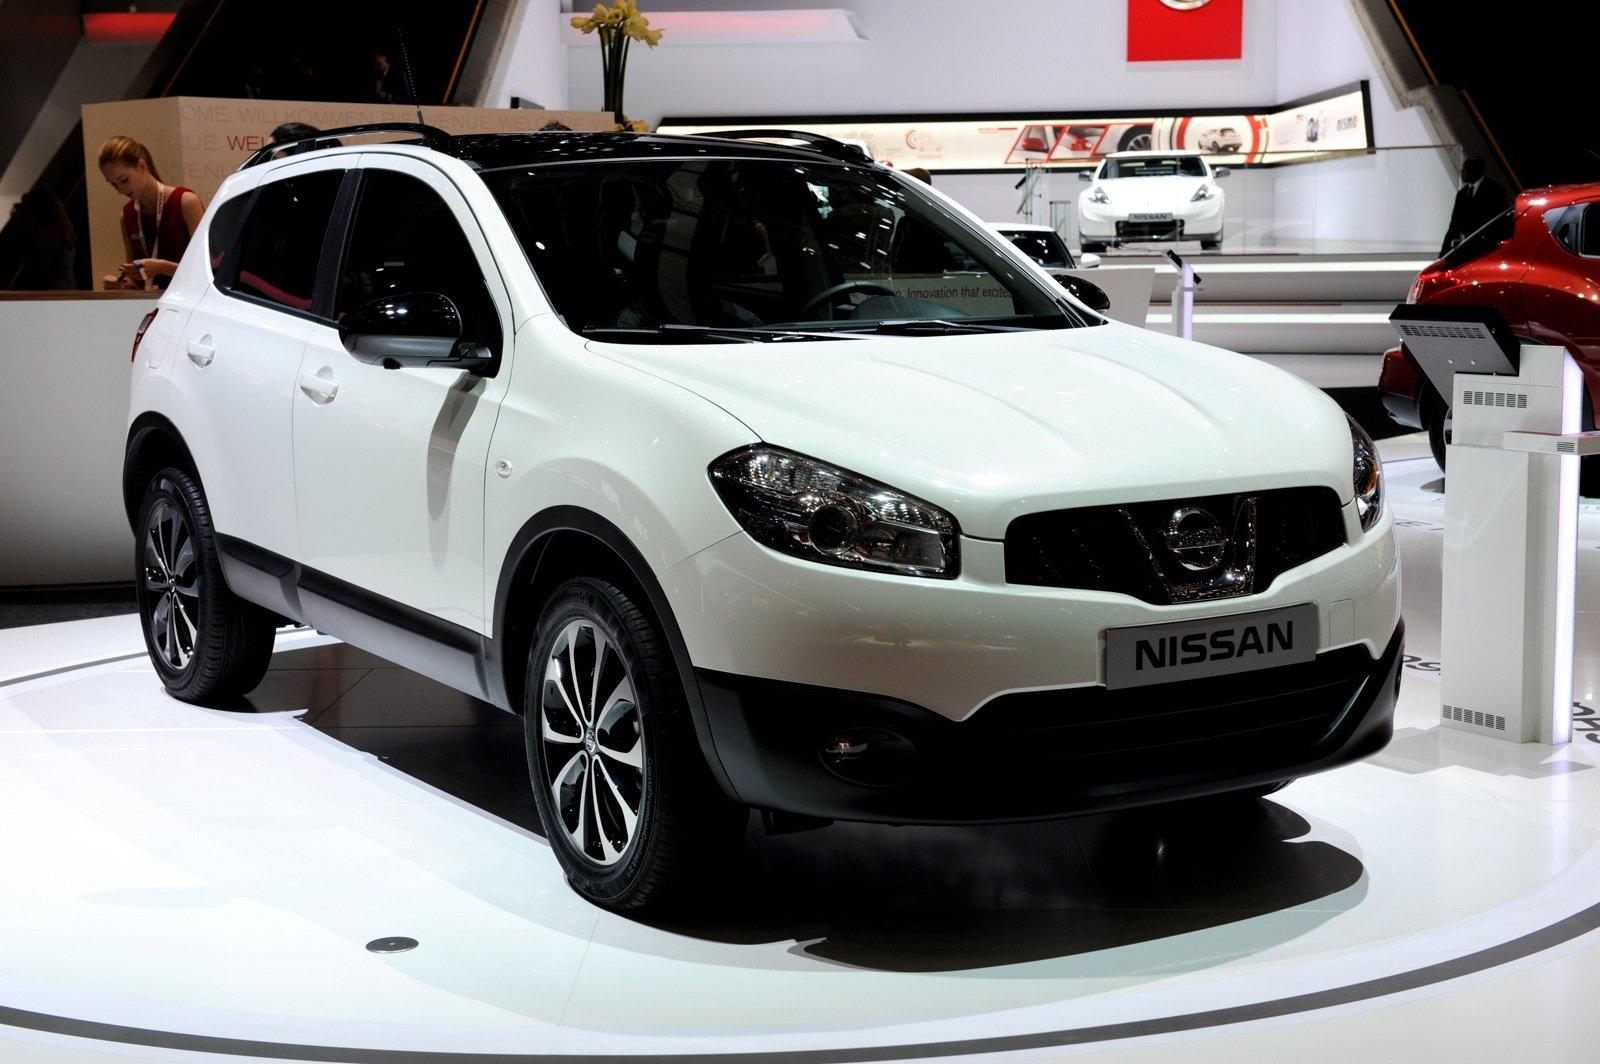 In puncto Serien-Ausstattung ist der Nissan Qashqai dem Ford Kuga überlegen.